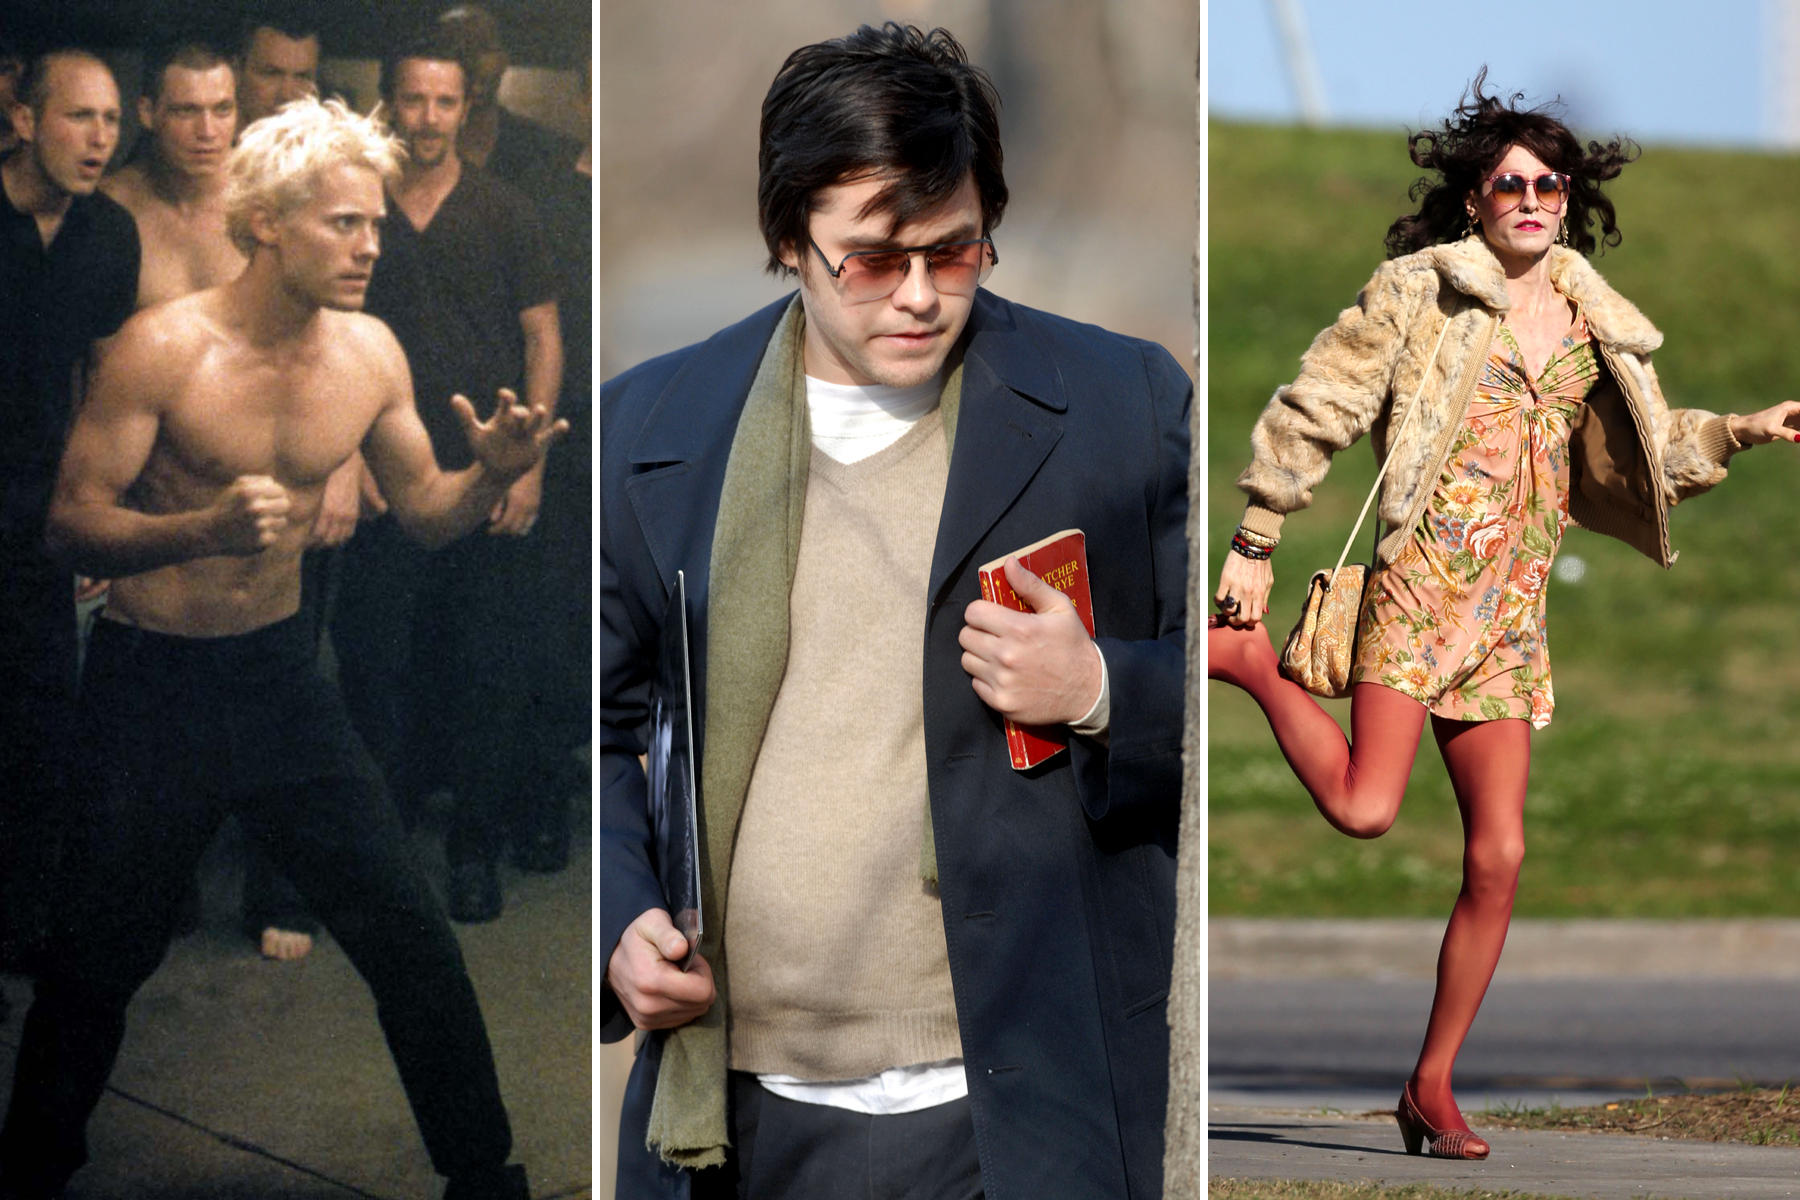 """Immer extrem: Jared, der Filmstar - Ja, das ist immer Leto! Seinen Durchbruch hatte er mit """"Fight Club"""" (1999). Als John-Lennon-Mörder nahm er 2007 für """"Chapter 27"""" rund 30 Kilo zu, für """"The Dallas Buyers Club"""" hungerte er sich Ende 2012 auf 52 Kilo herunter."""